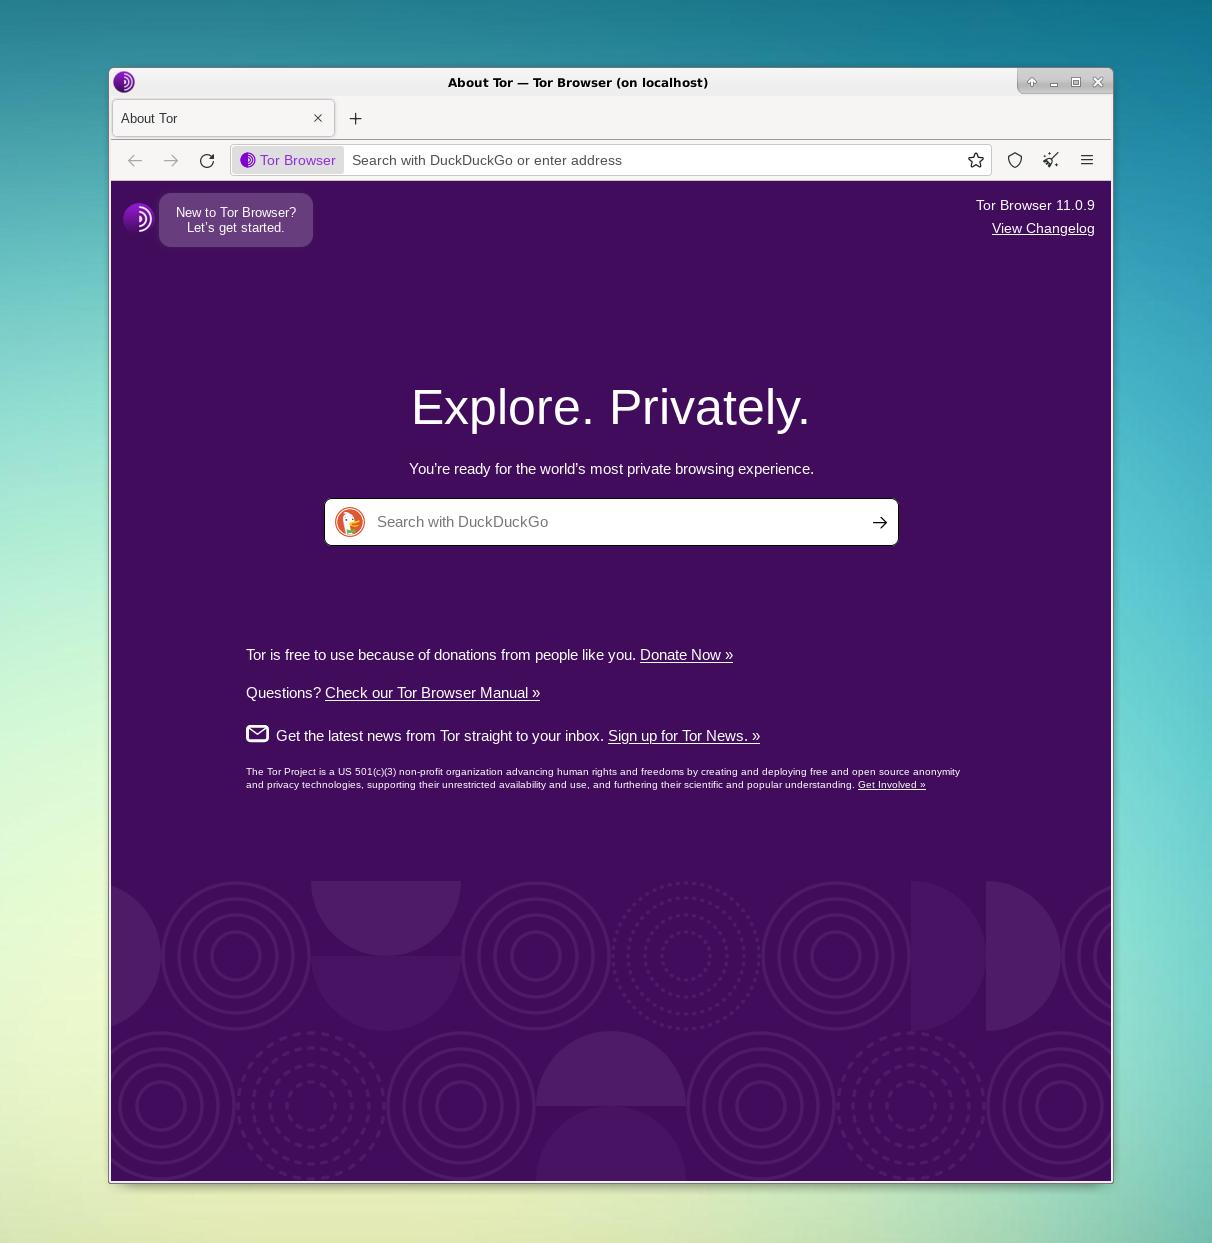 Как зарегистрироваться в браузере тор гирда что нельзя делать в браузере тор hydra